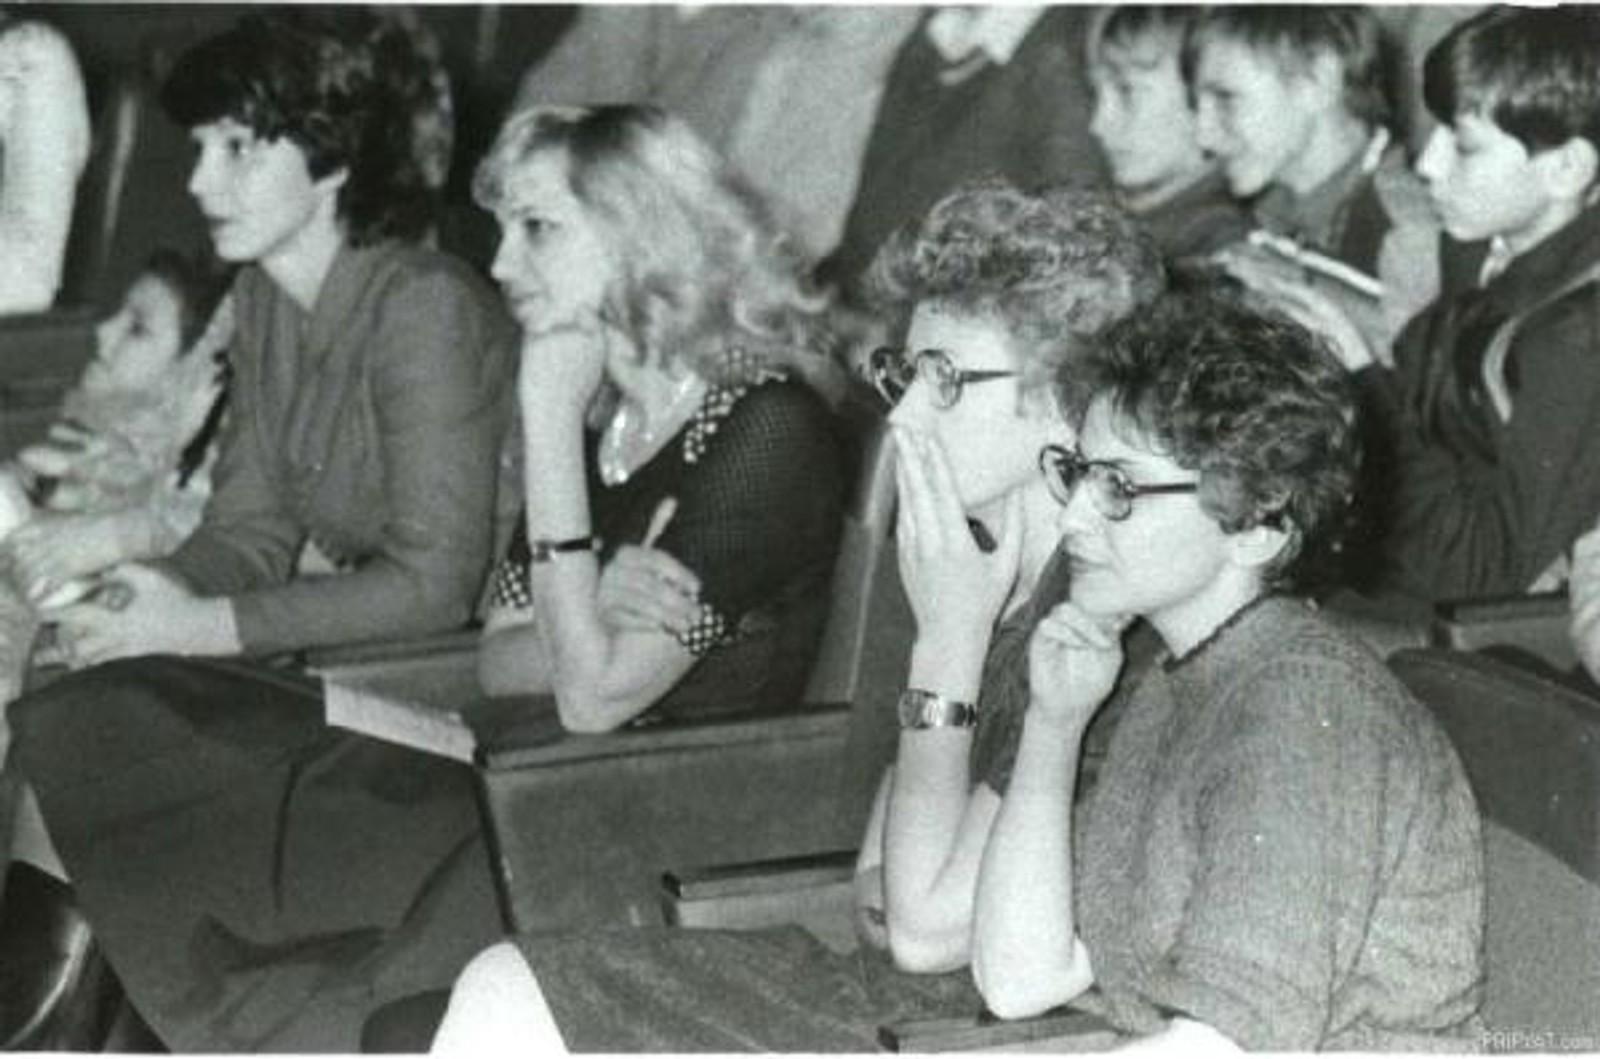 Stor oppmerksomhet under et foredrag i forelesningsalen i kulturpalasset før katastrofen.